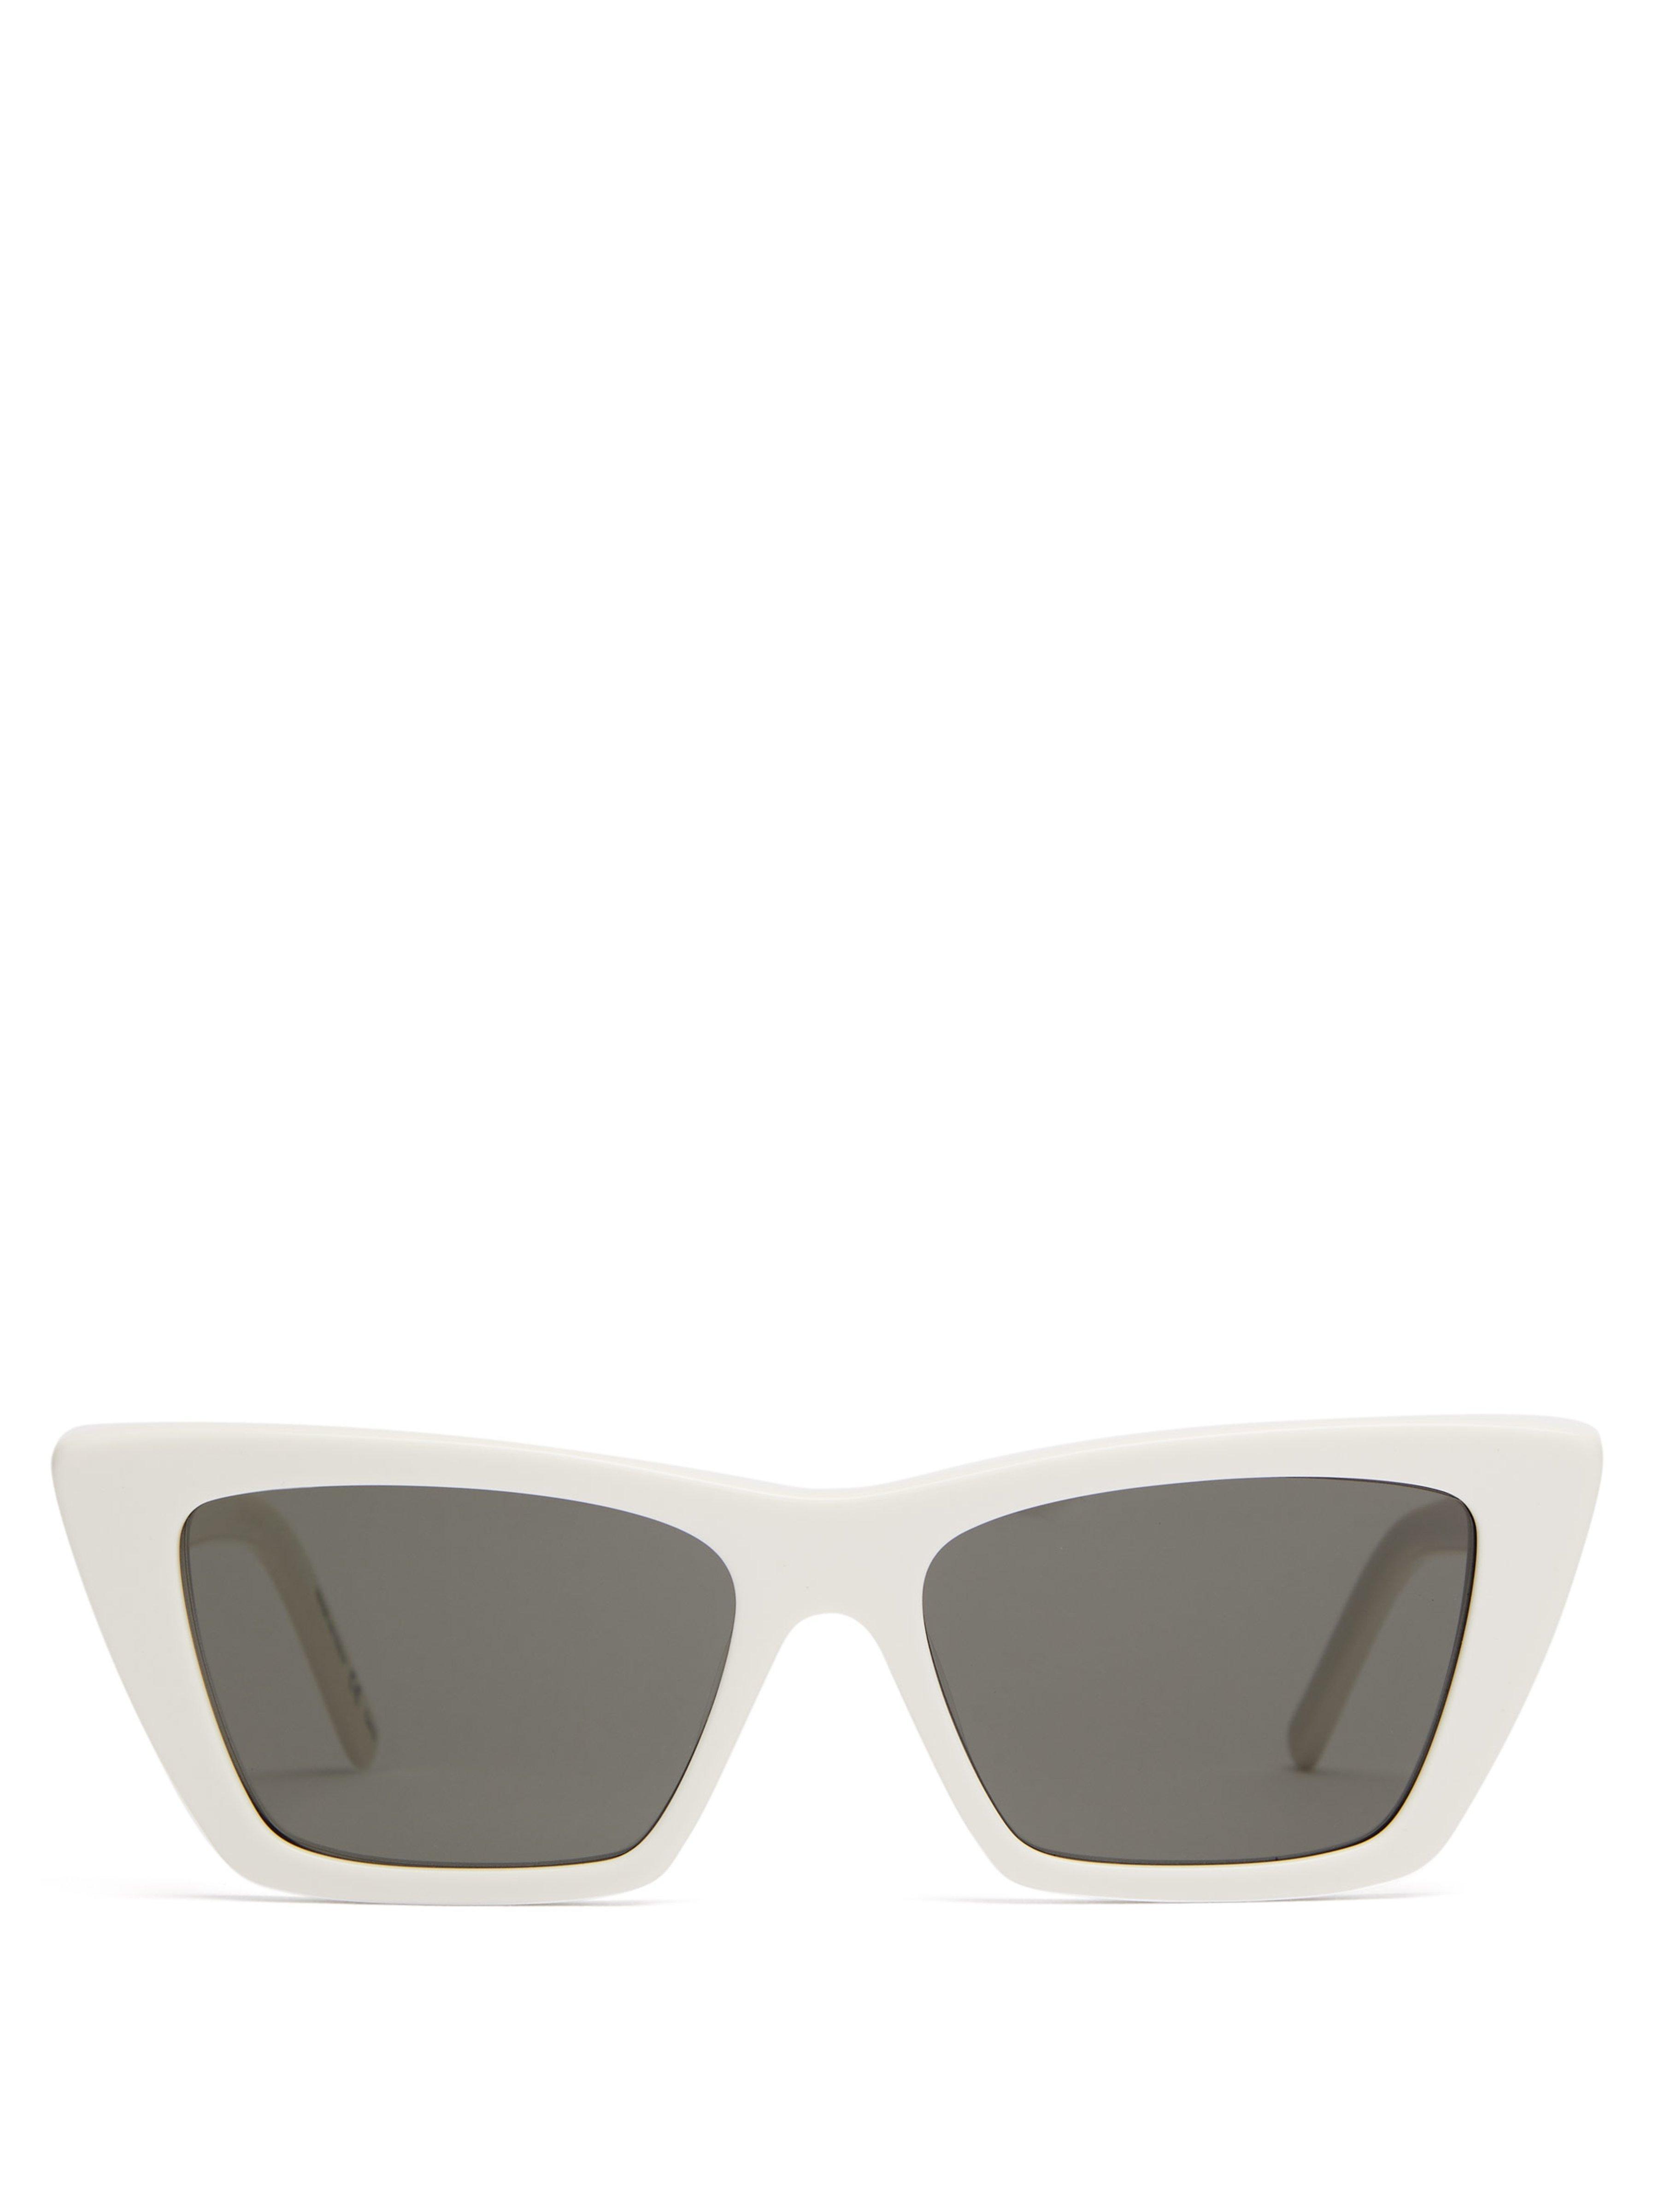 06c3c37379ca1 Saint Laurent Mica Cat Eye Acetate Sunglasses in White - Lyst